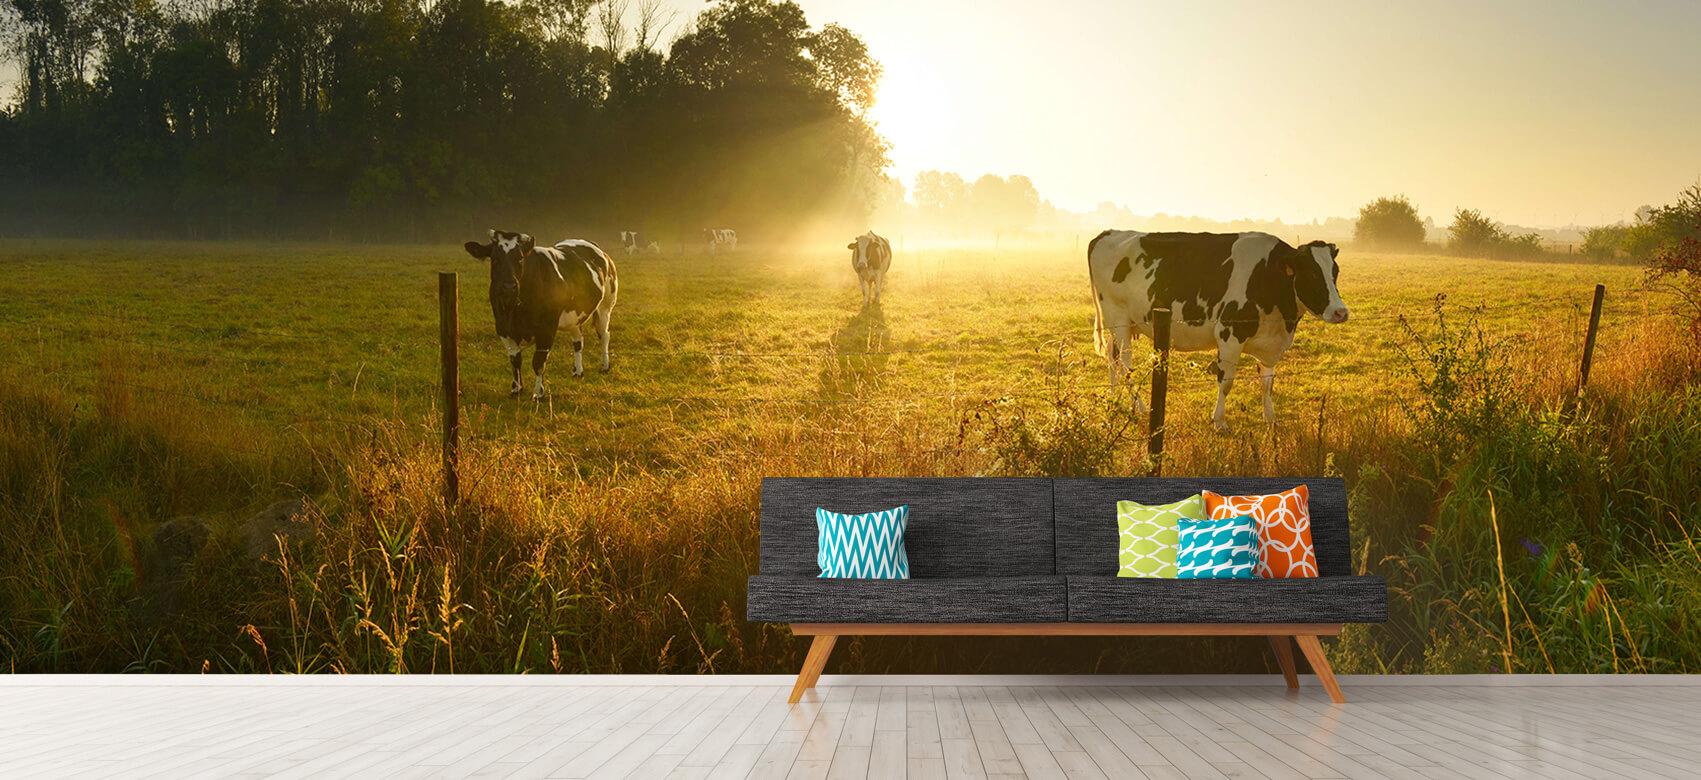 Dieren Koe tijdens zonsopkomst 12